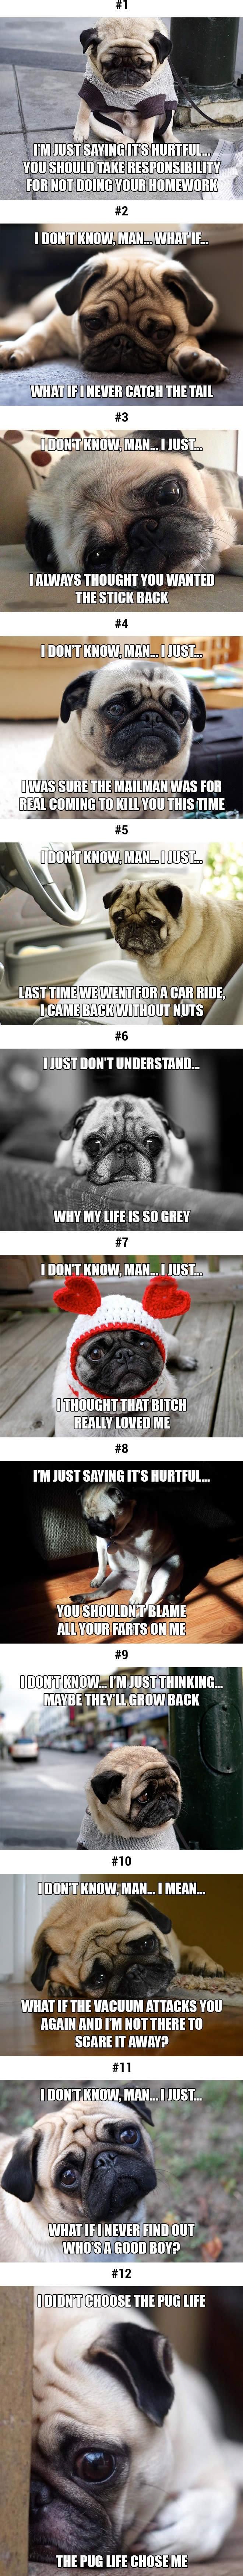 This sad pug will make you smile